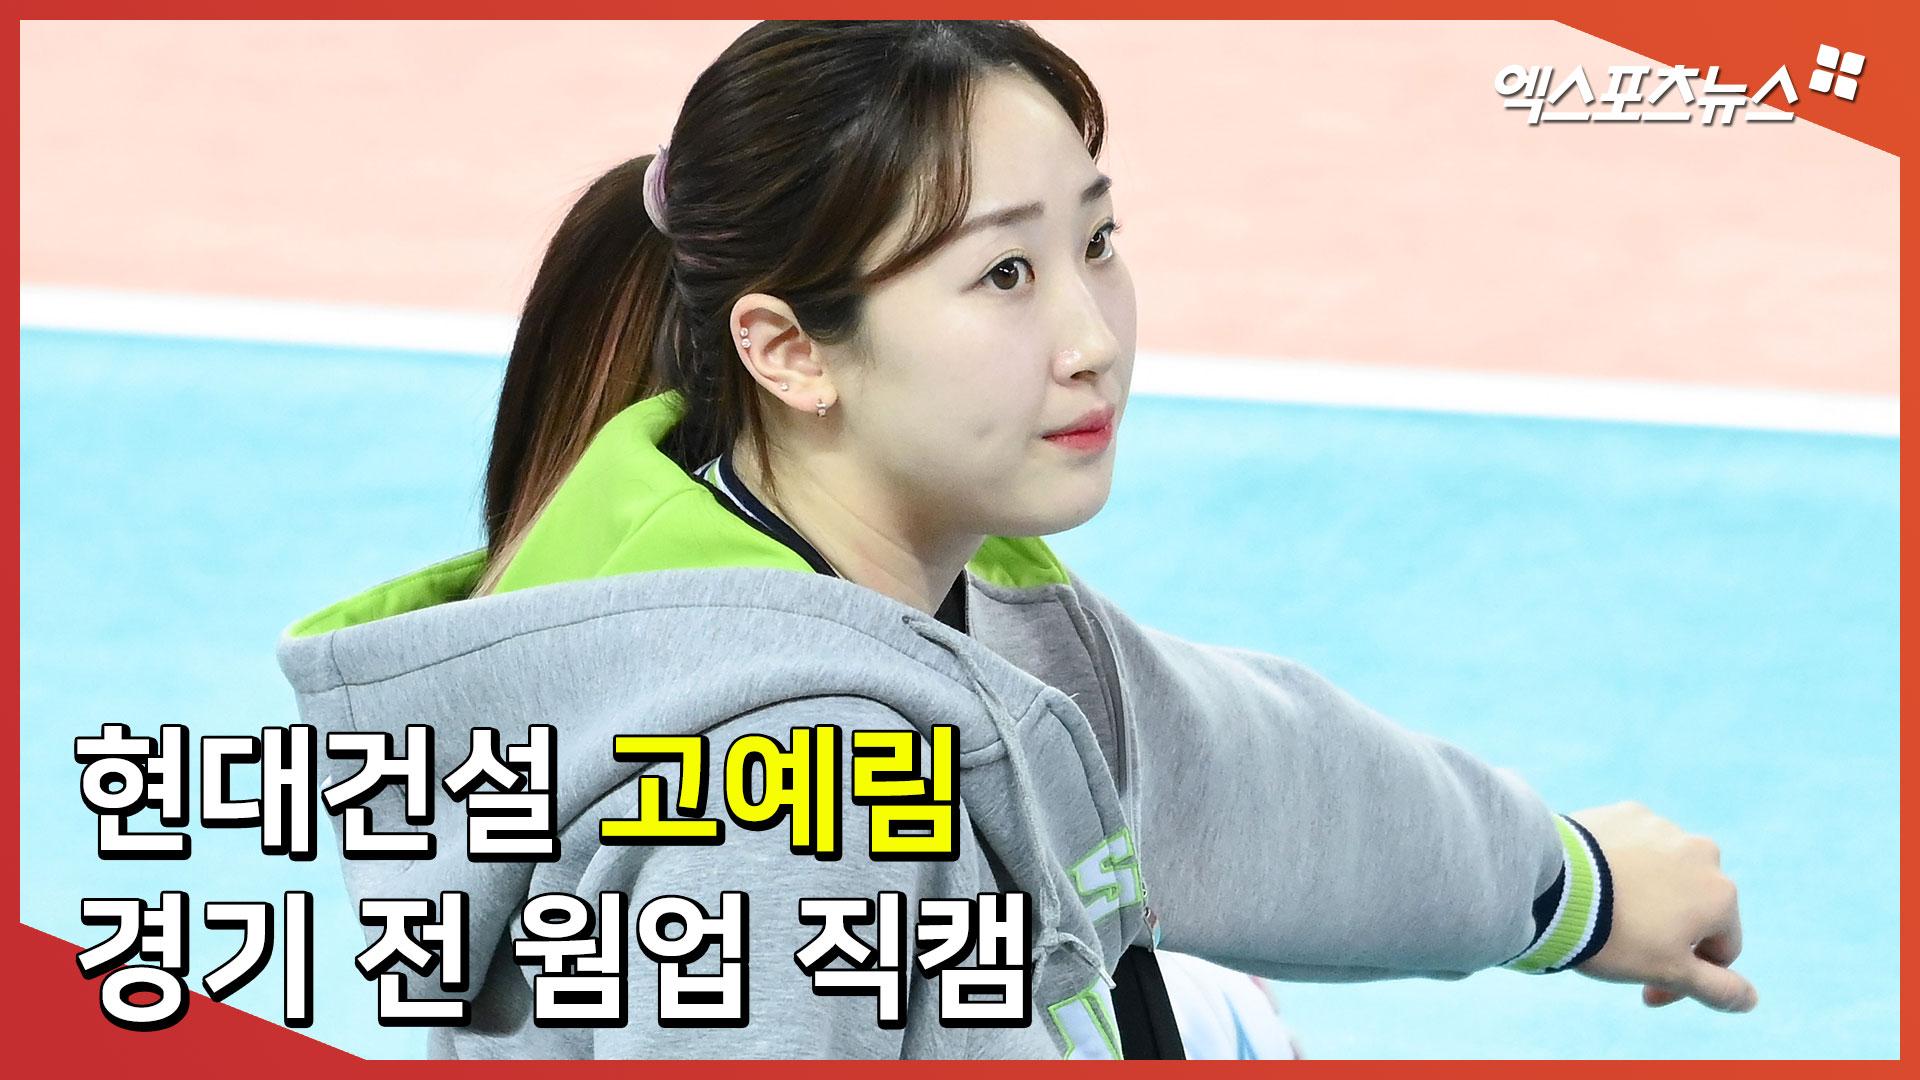 '화성 밀가루' 고예림, 경기 전 웜업 직캠[엑's 스케치]